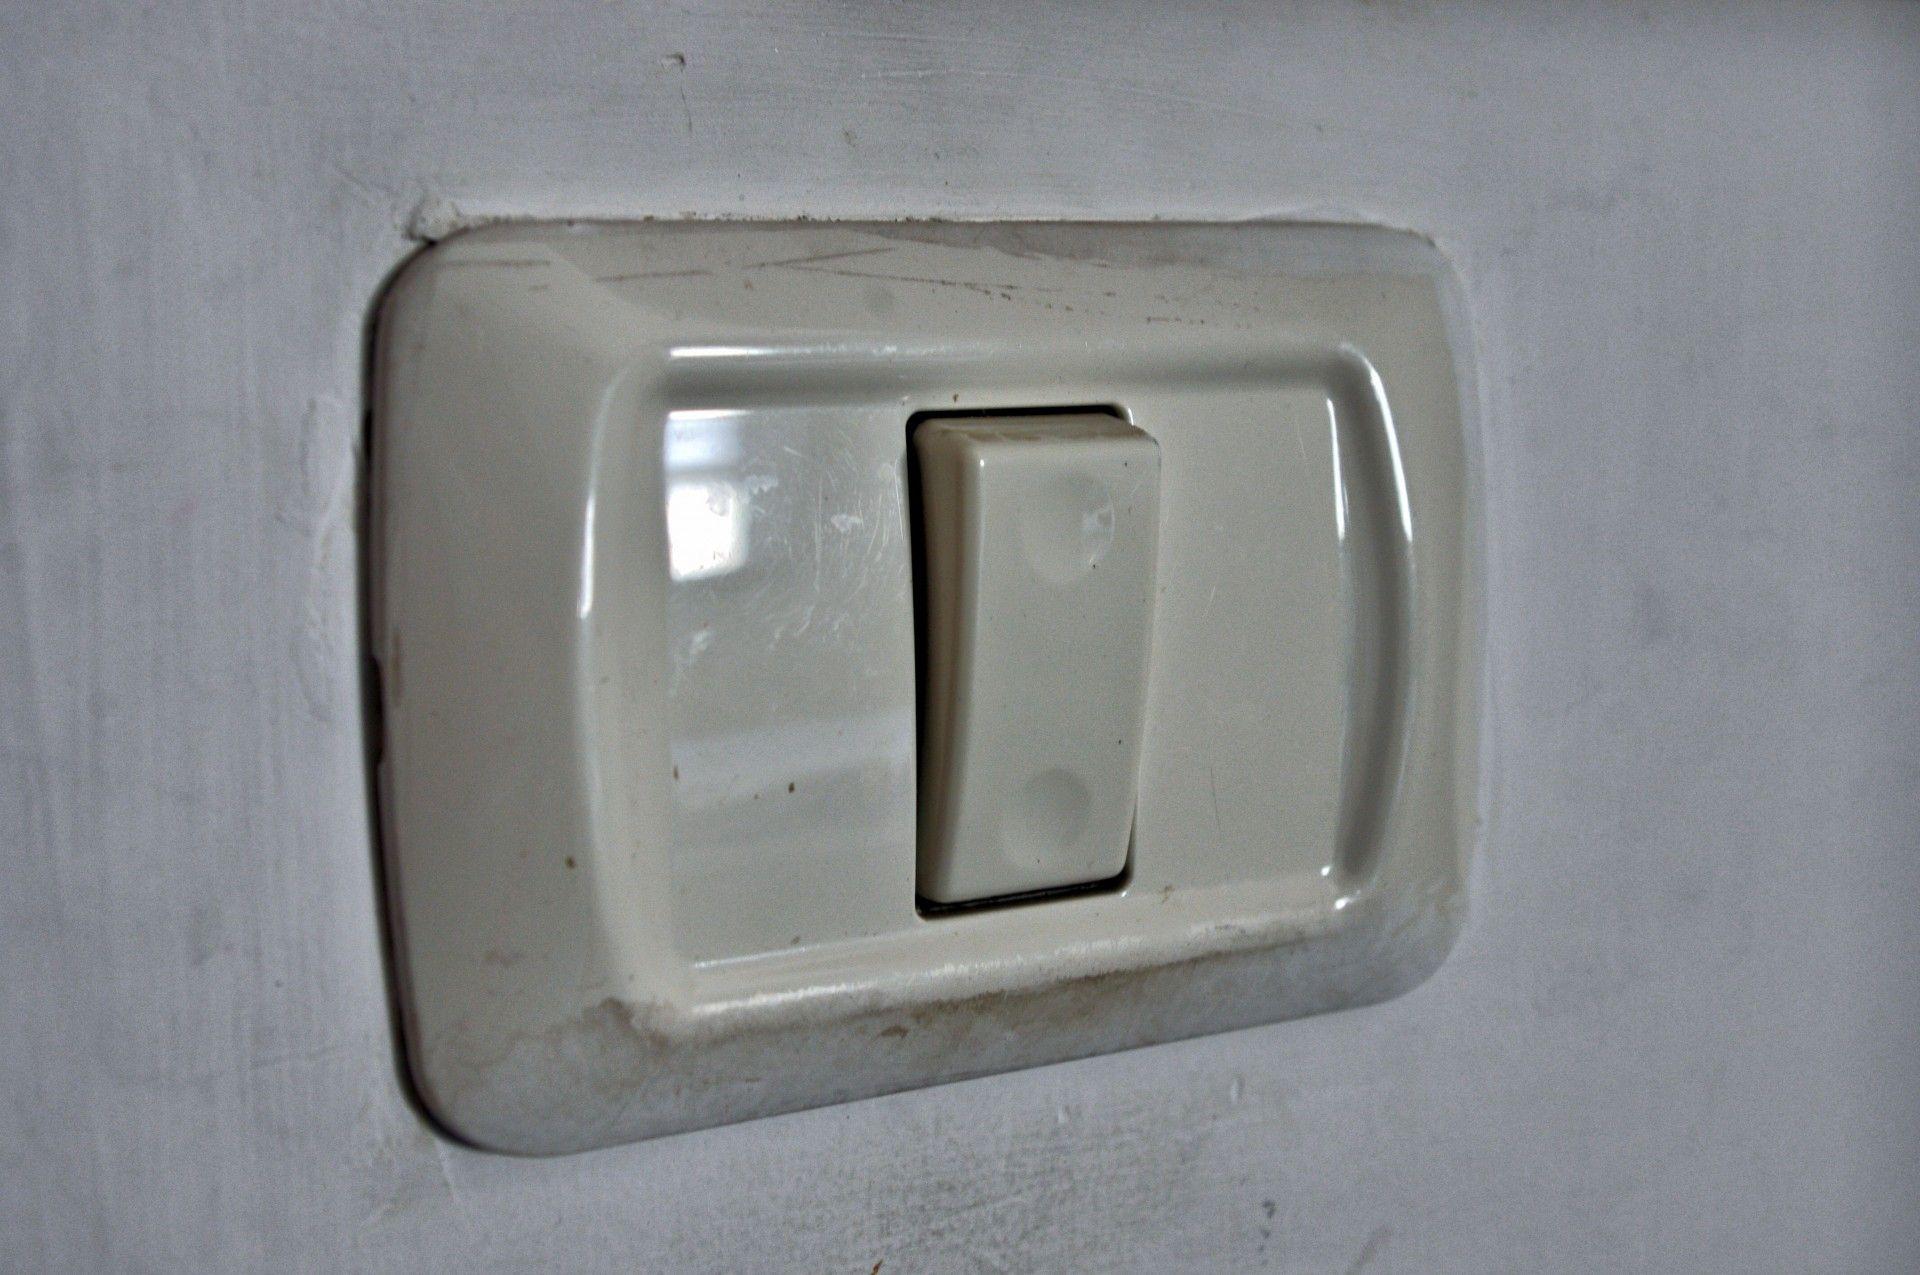 Cómo limpiar los interruptores de tu casa rápido y fácil